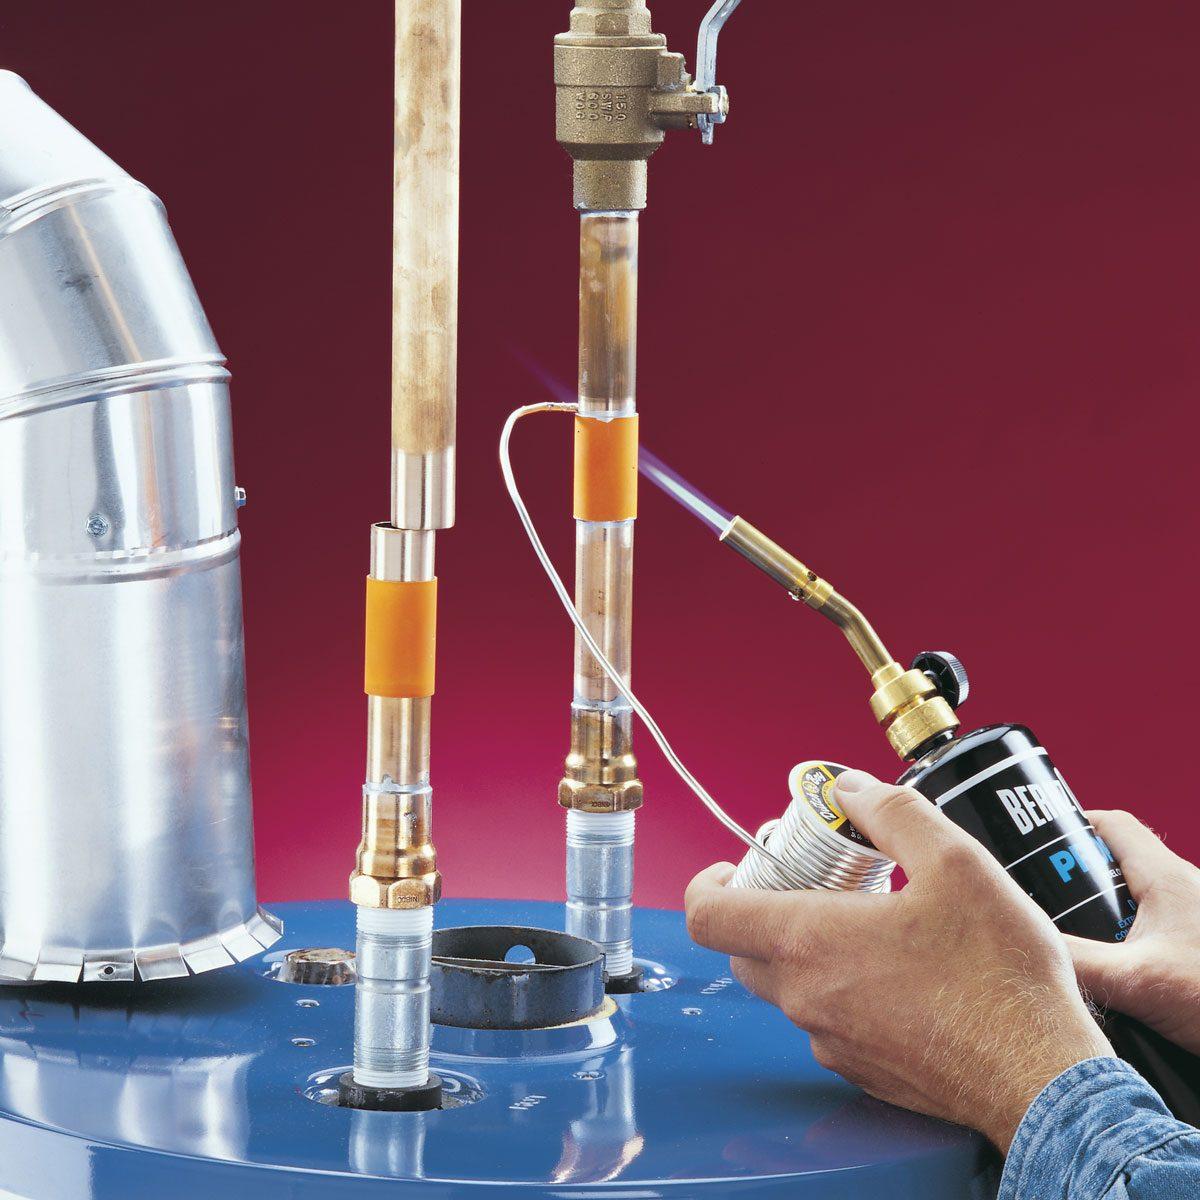 DIY Water Heater Installation